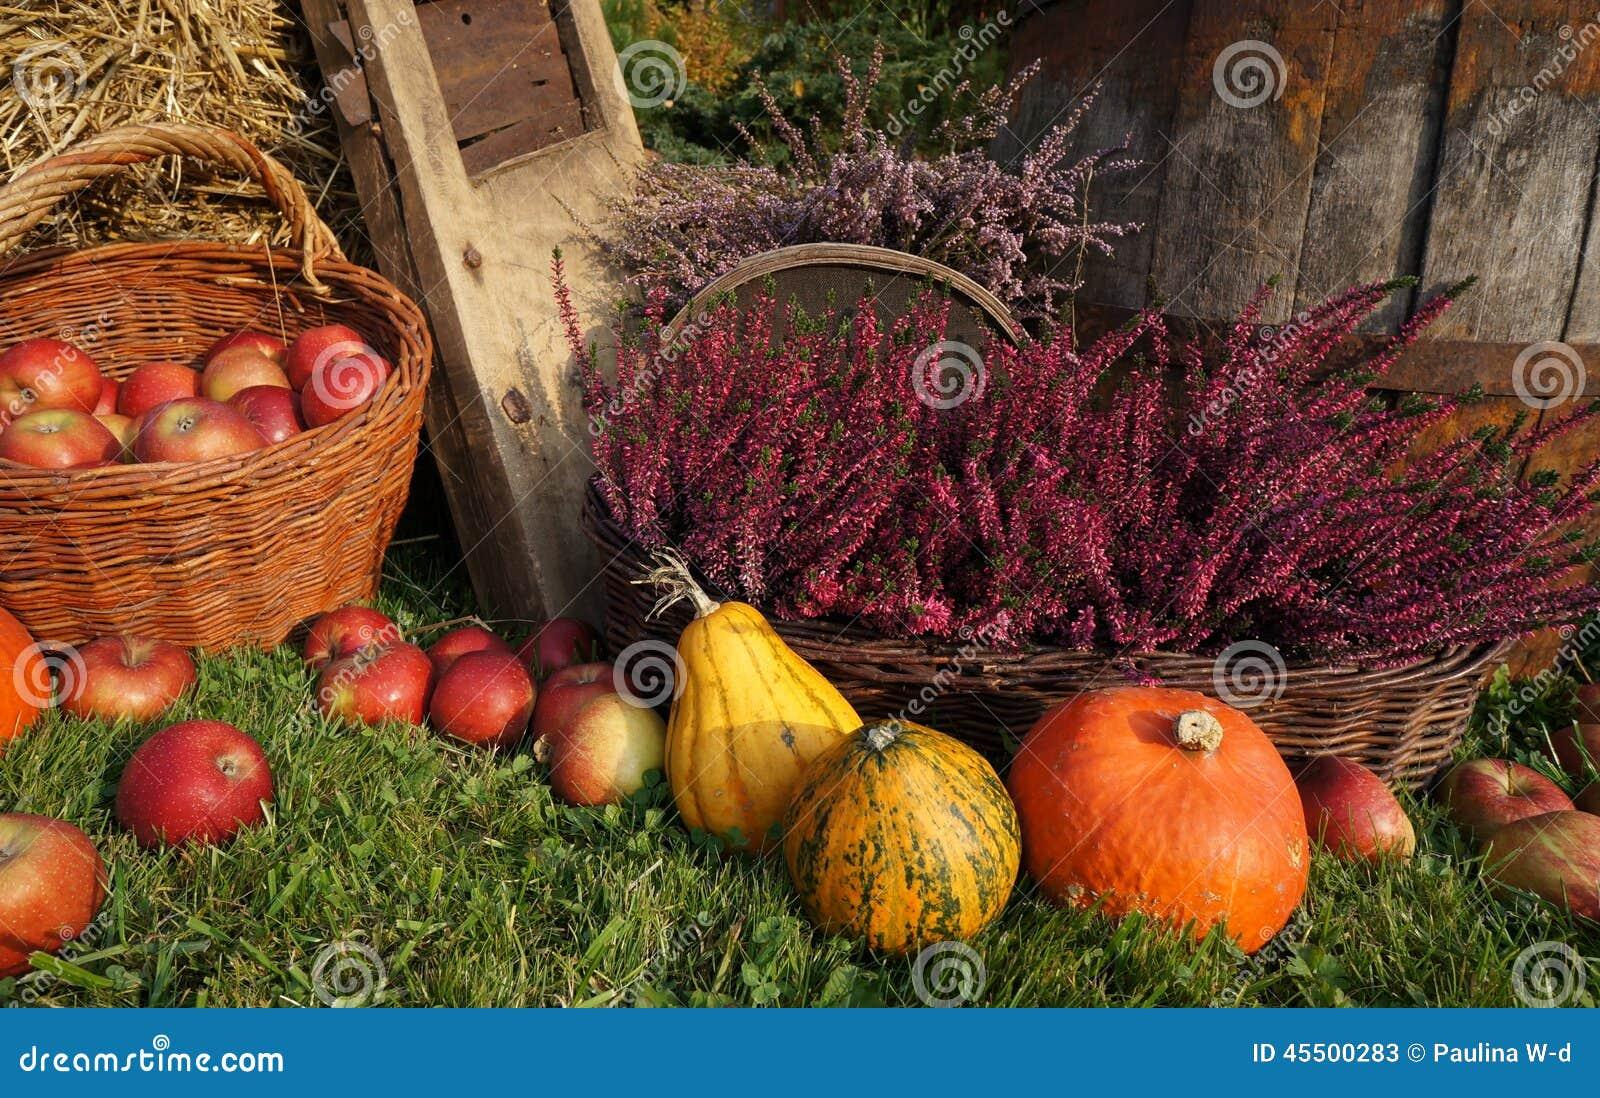 D coration d 39 automne potirons courge fleurs de bruy re for Decoration d automne